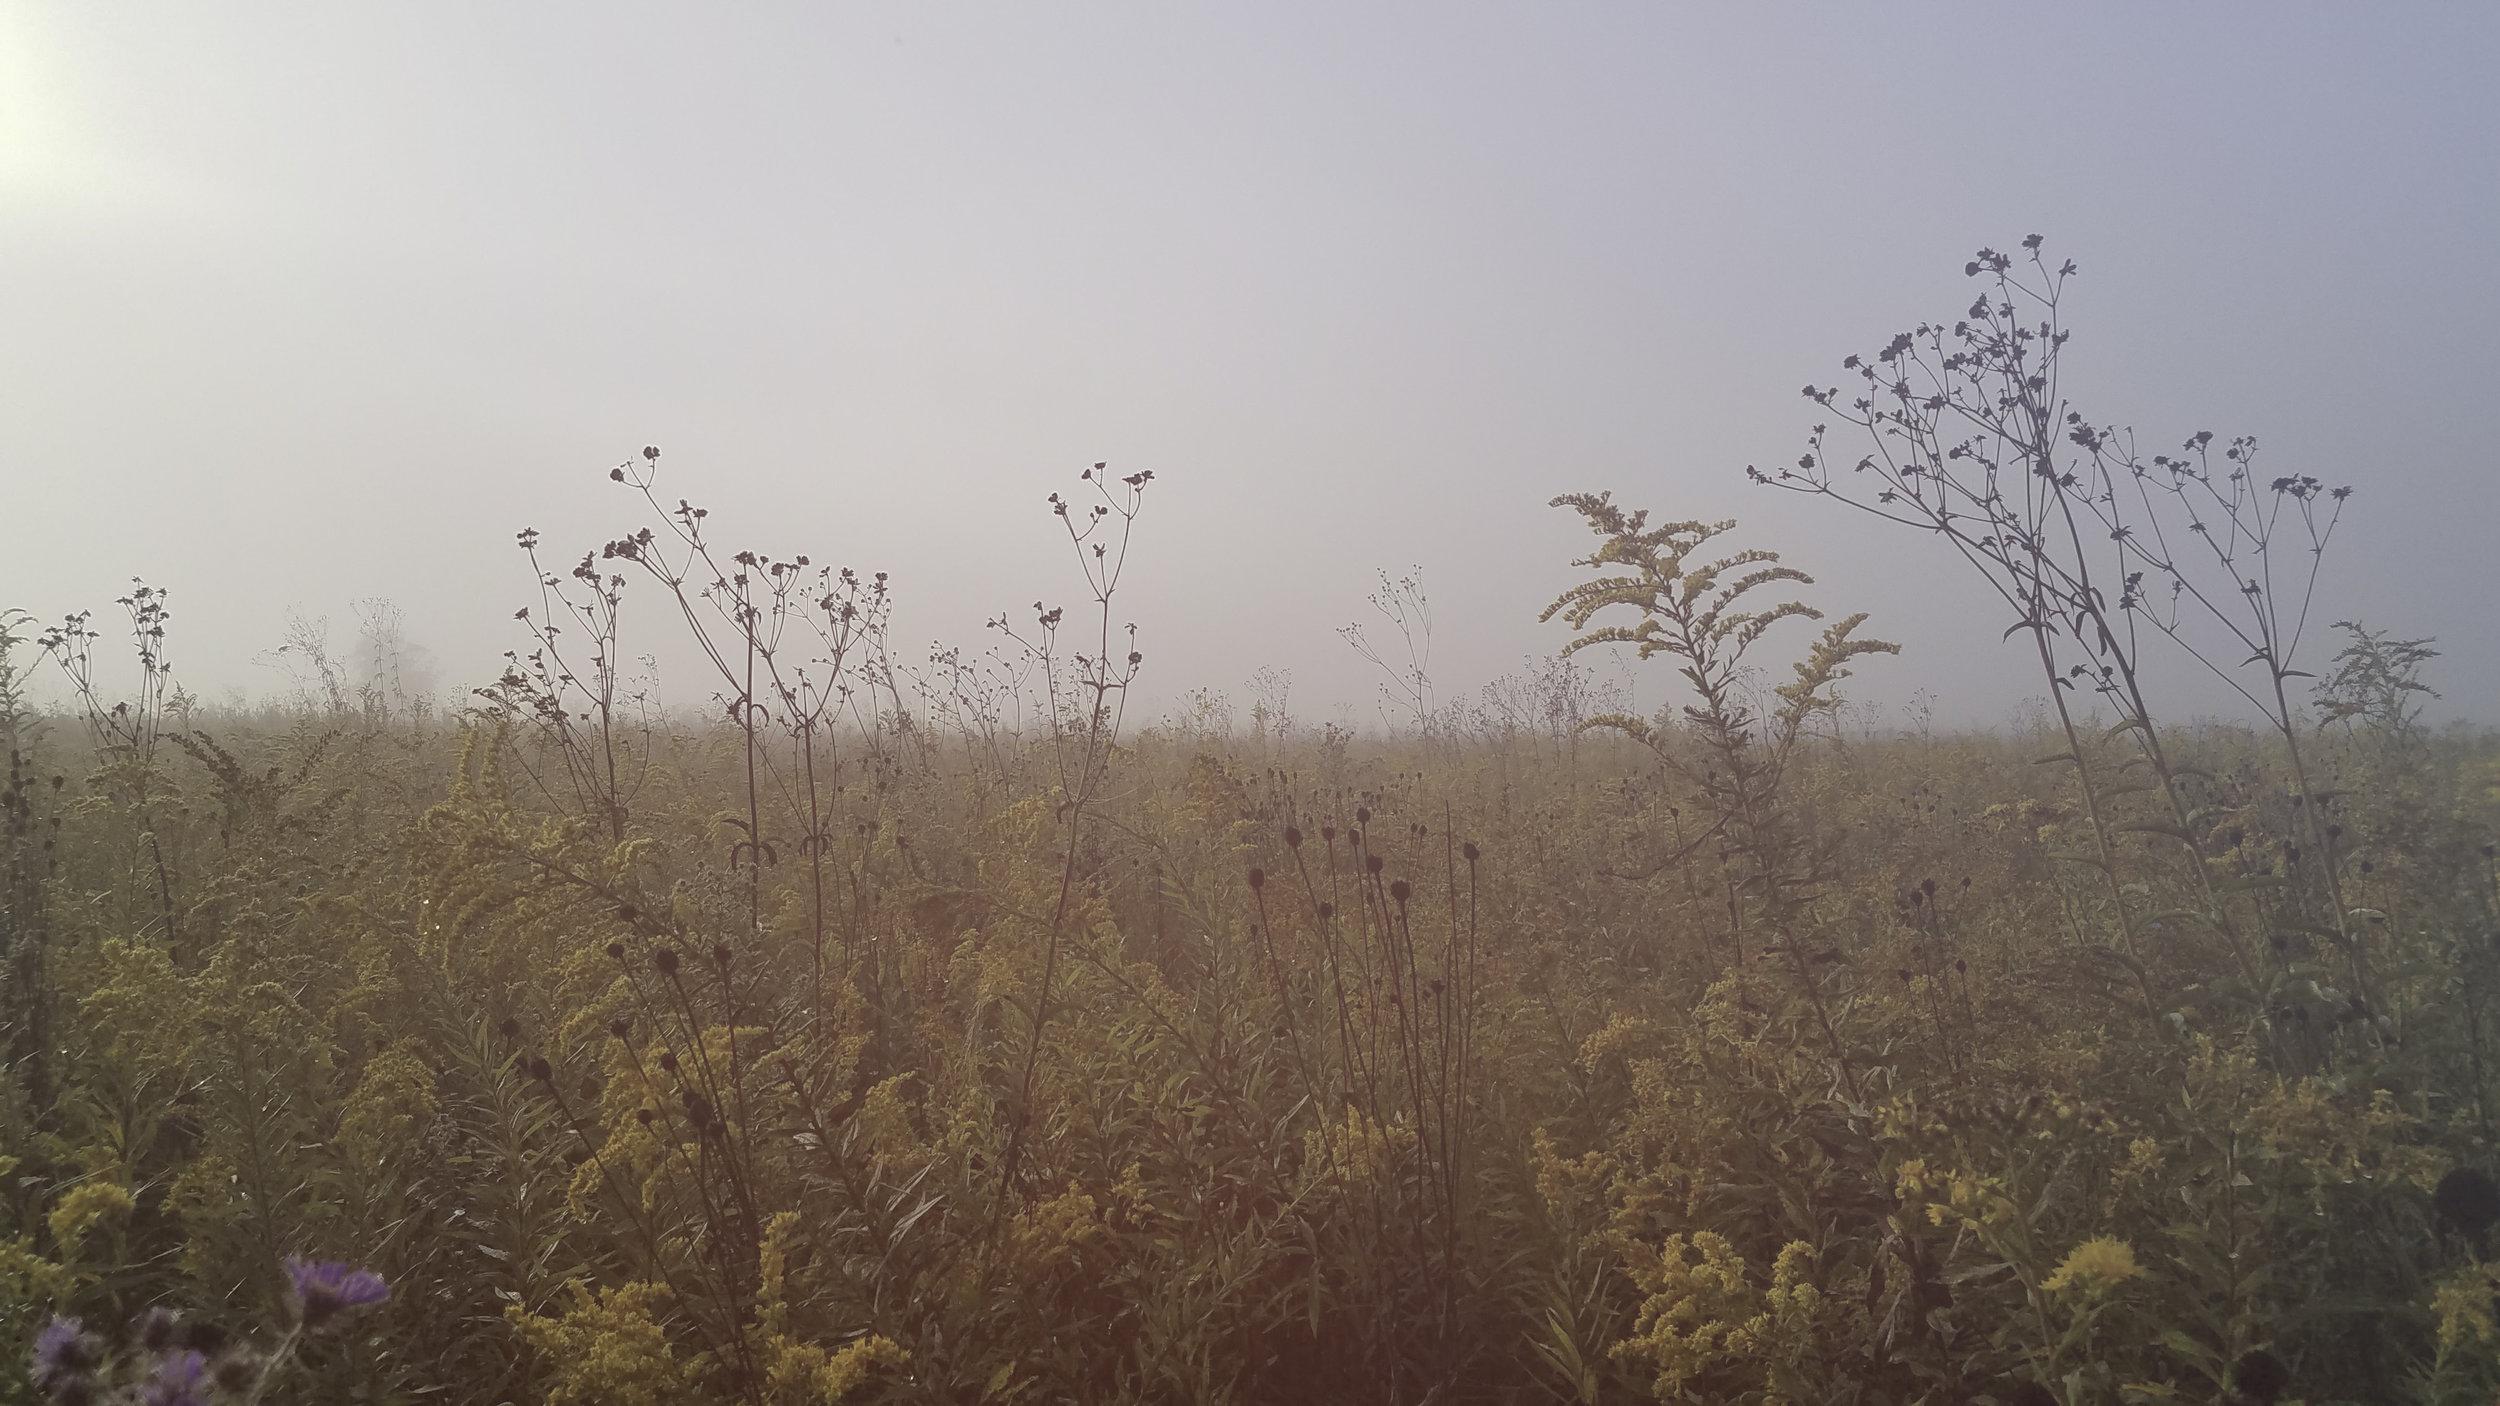 Landscape_Field003_mobile.jpg